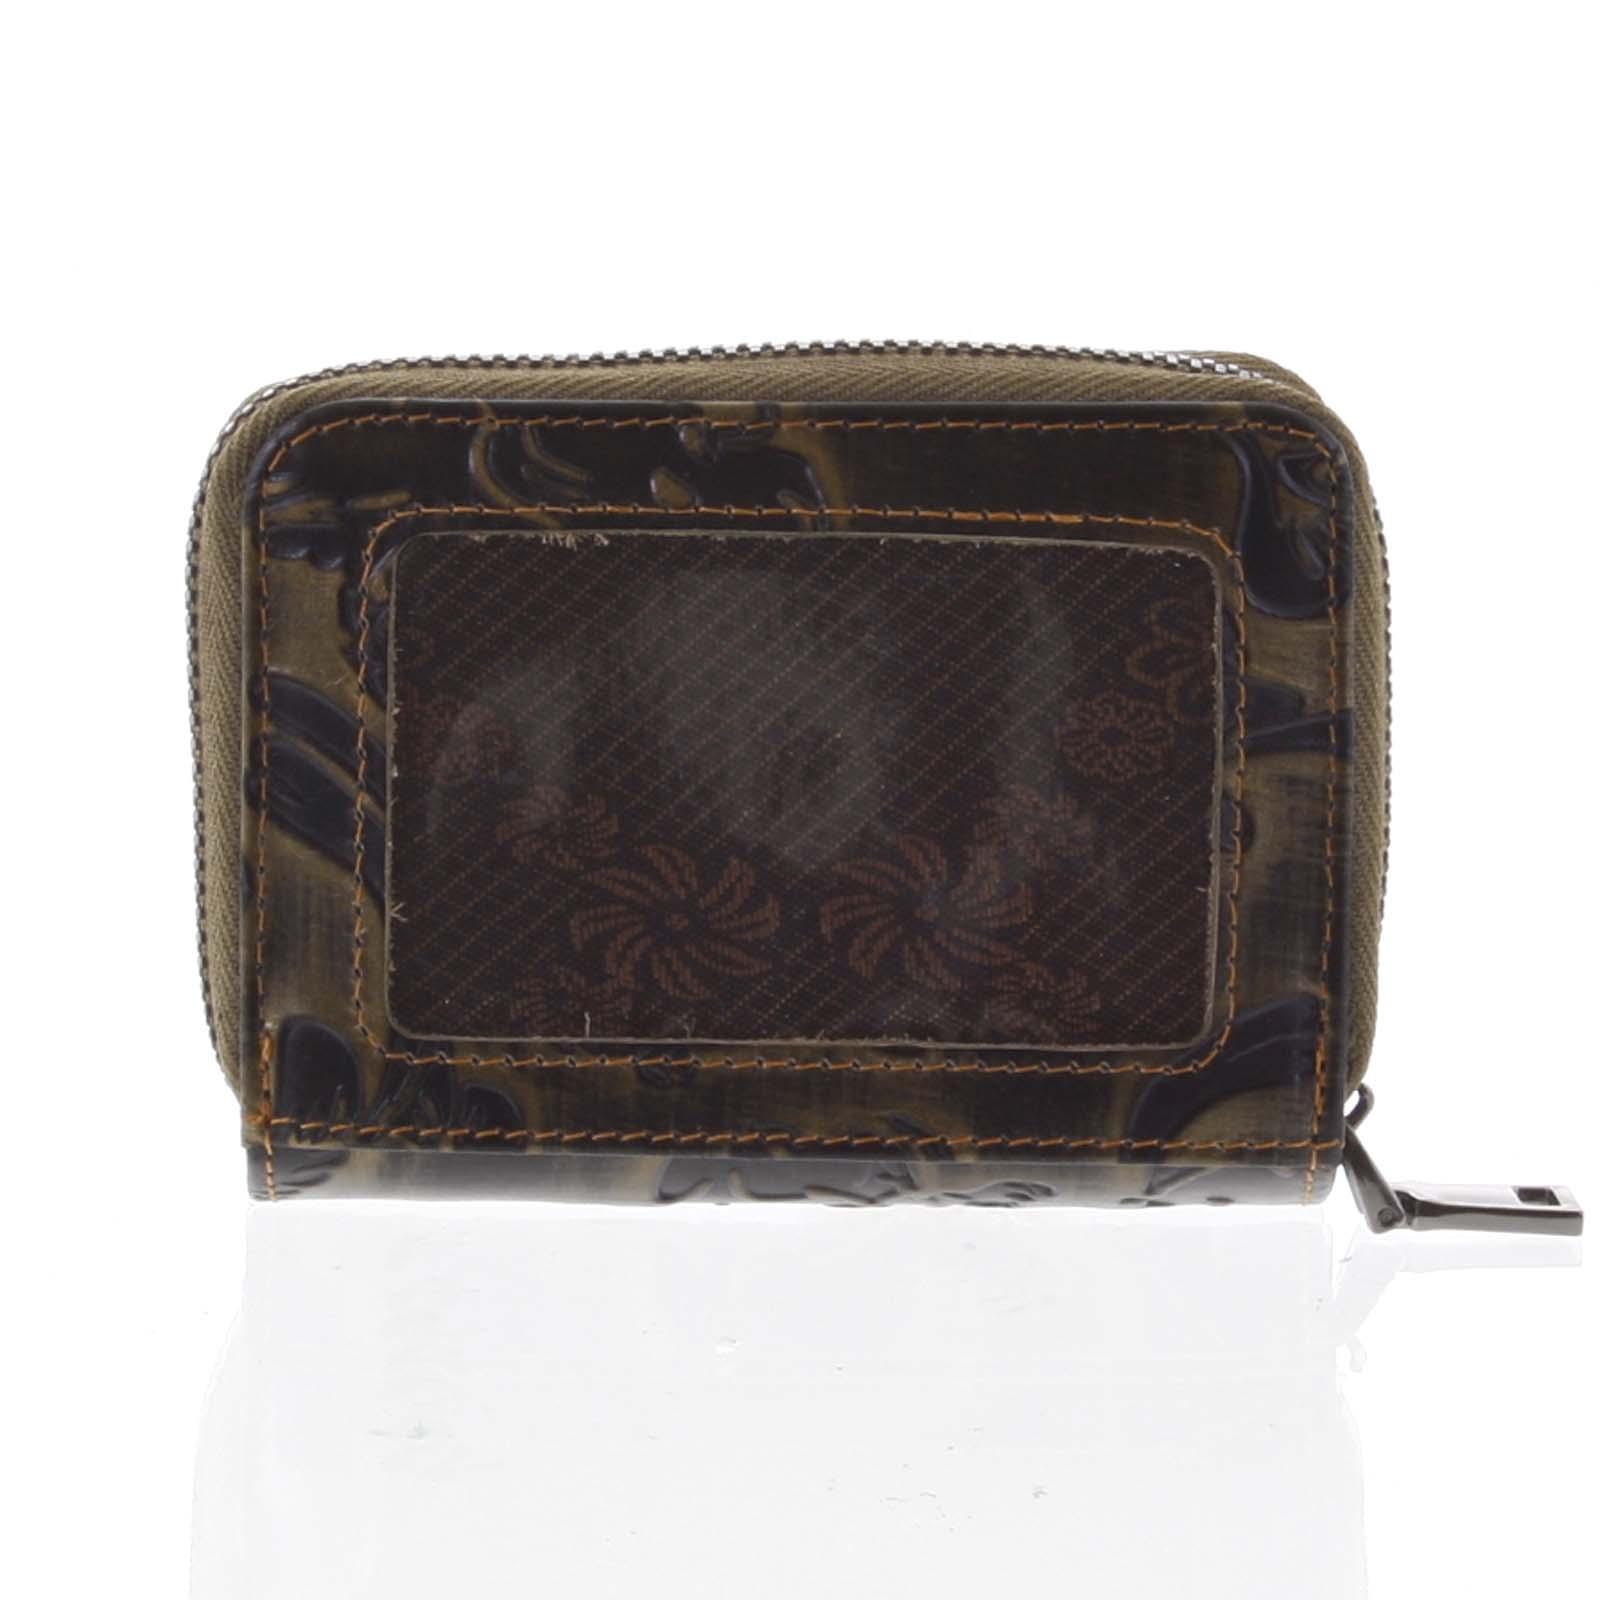 Malá dámska peňaženka kožená medená - Rovicky 5157